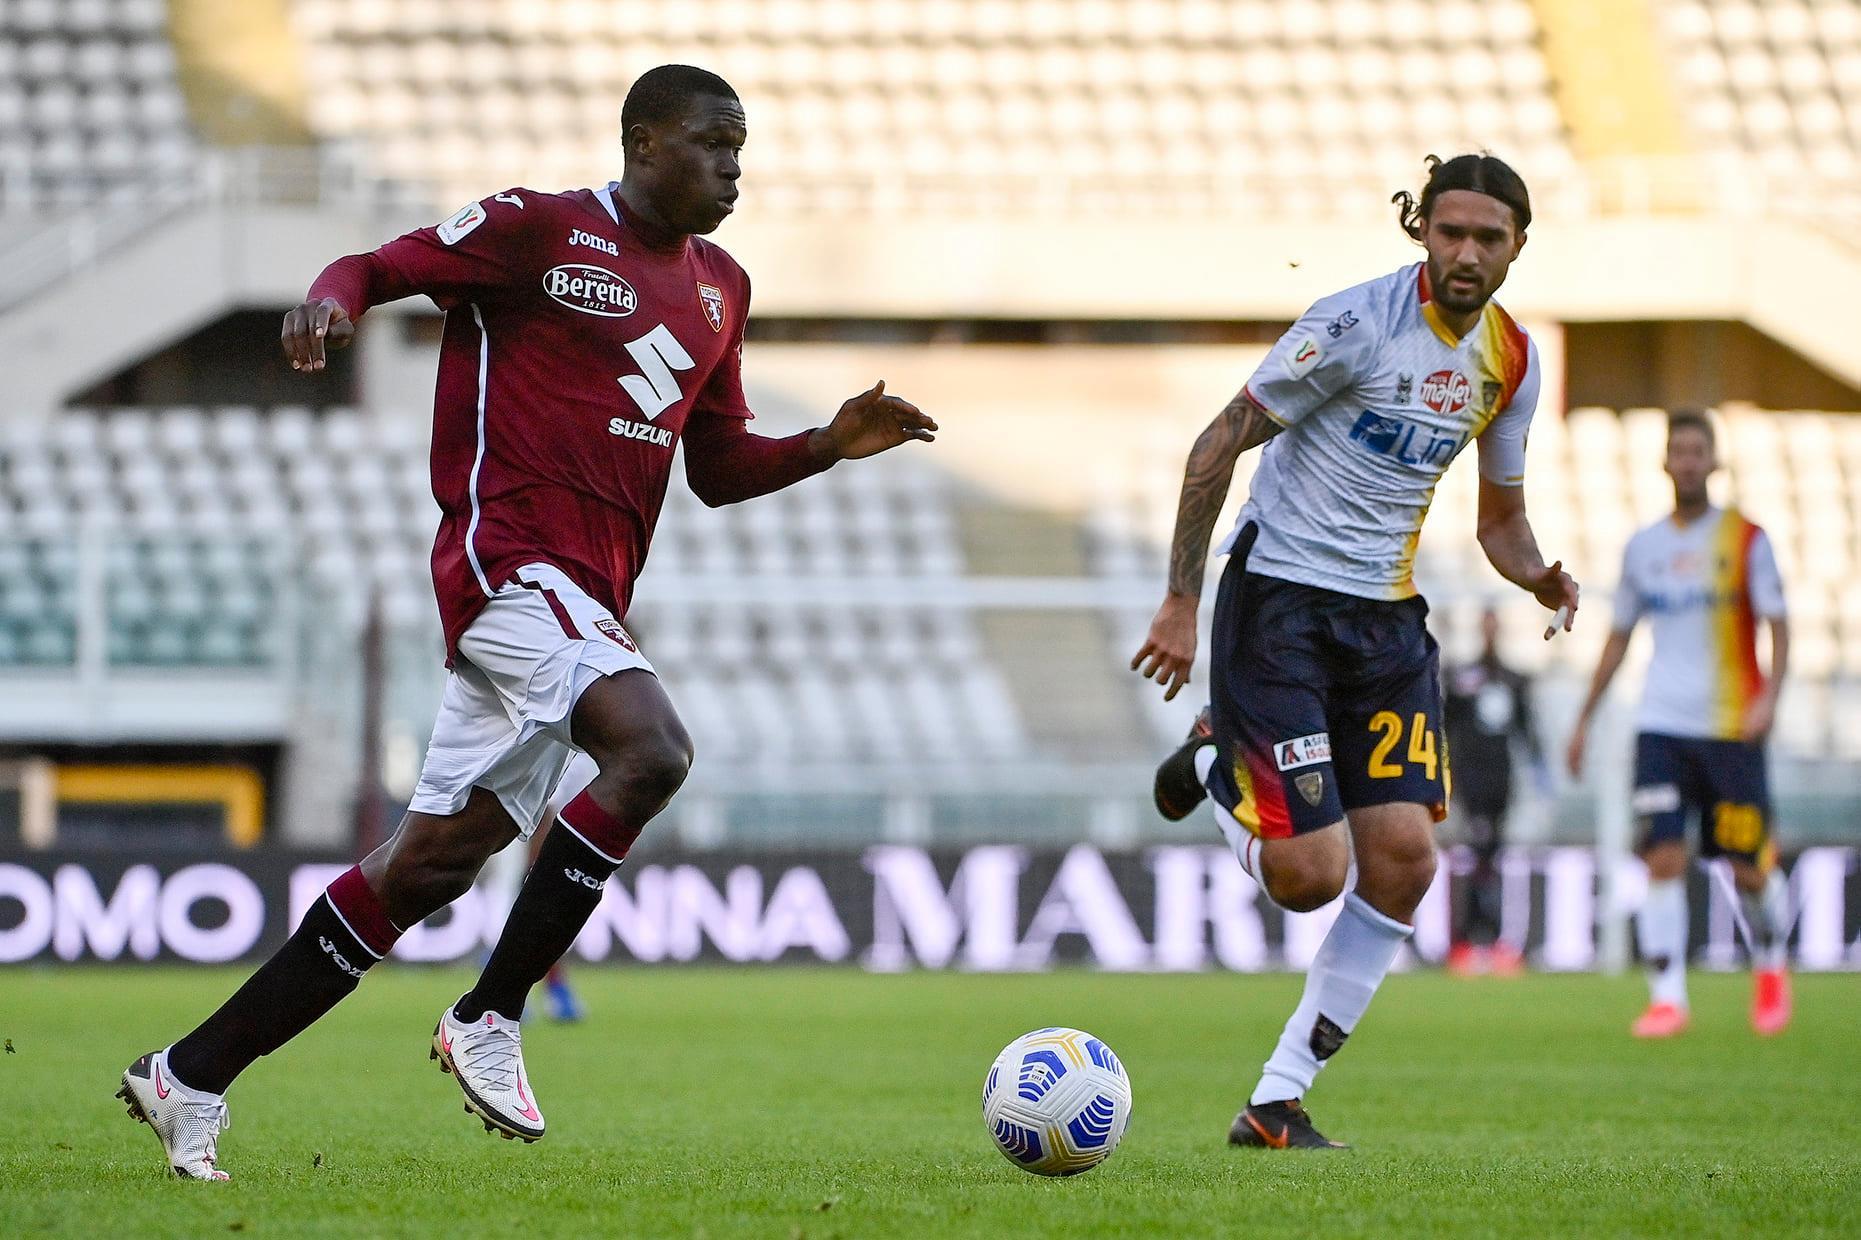 Soi kèo Torino vs Lazio, 21h00 ngày 1/11, VĐQG Italia